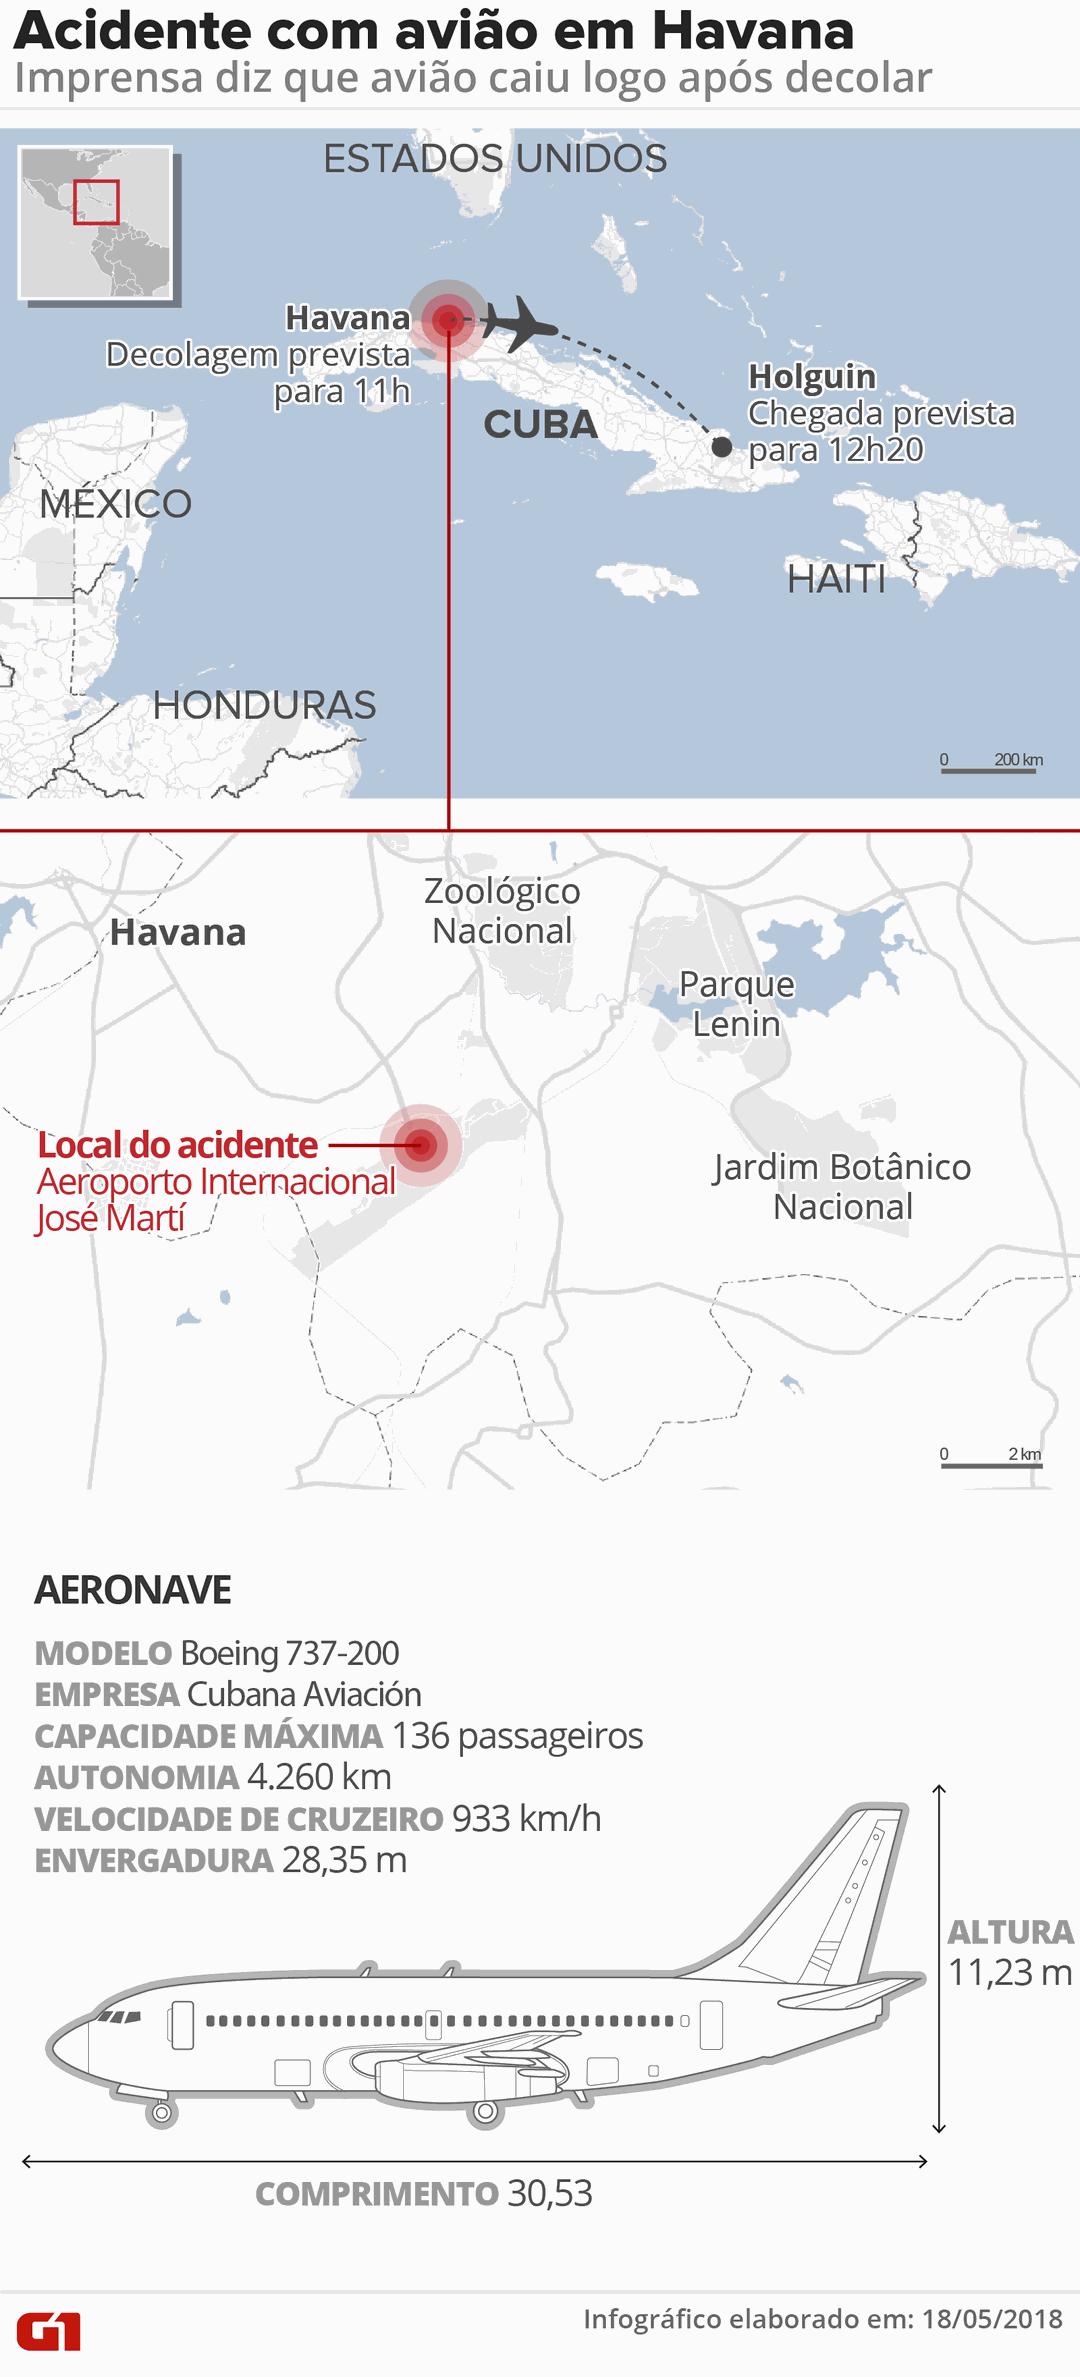 Avião caiu logo após decolar de Havana